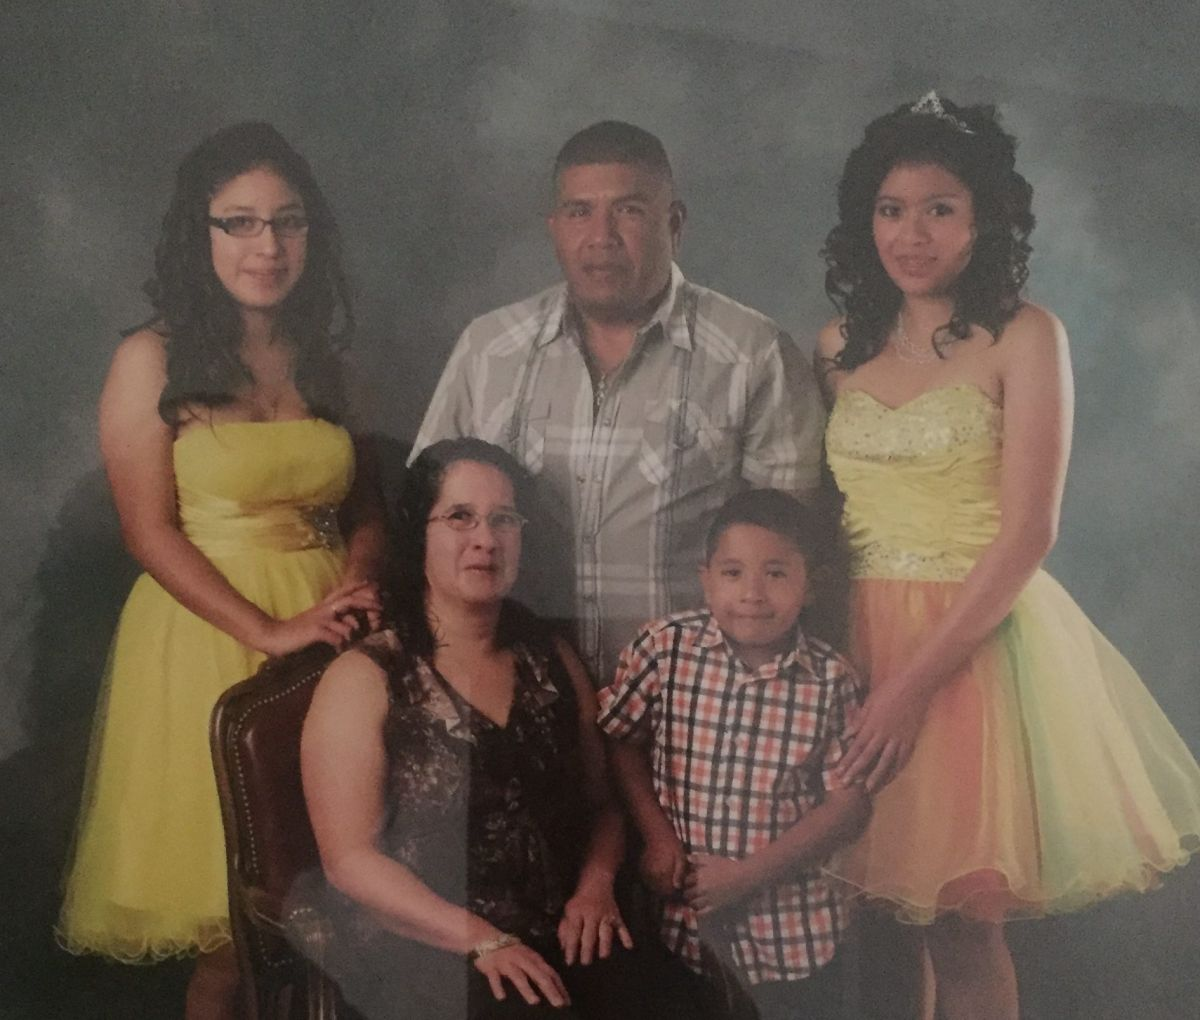 Los operativos realizados por el Servicio de Migración y Aduanas (ICE) separaron a la familia Loeza al llevarse detenido al jefe de la familia Saúl Loeza Cisneros.